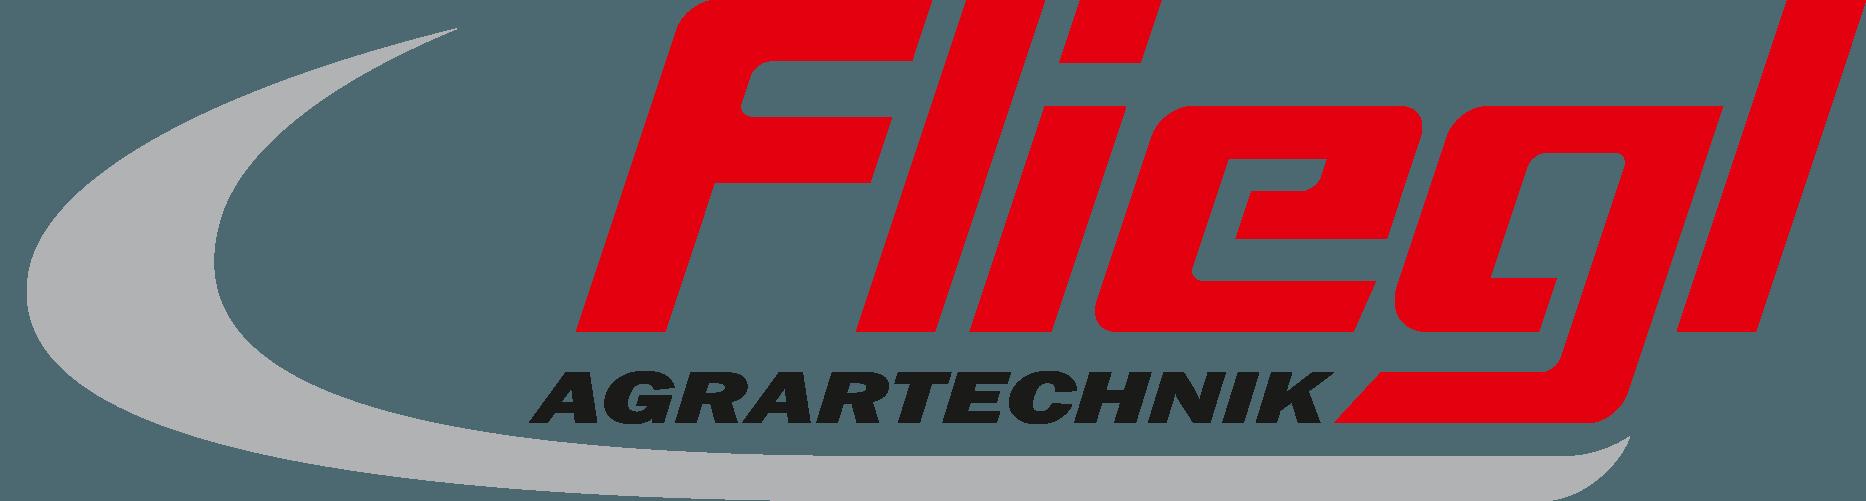 Fliegl Agrartechnik